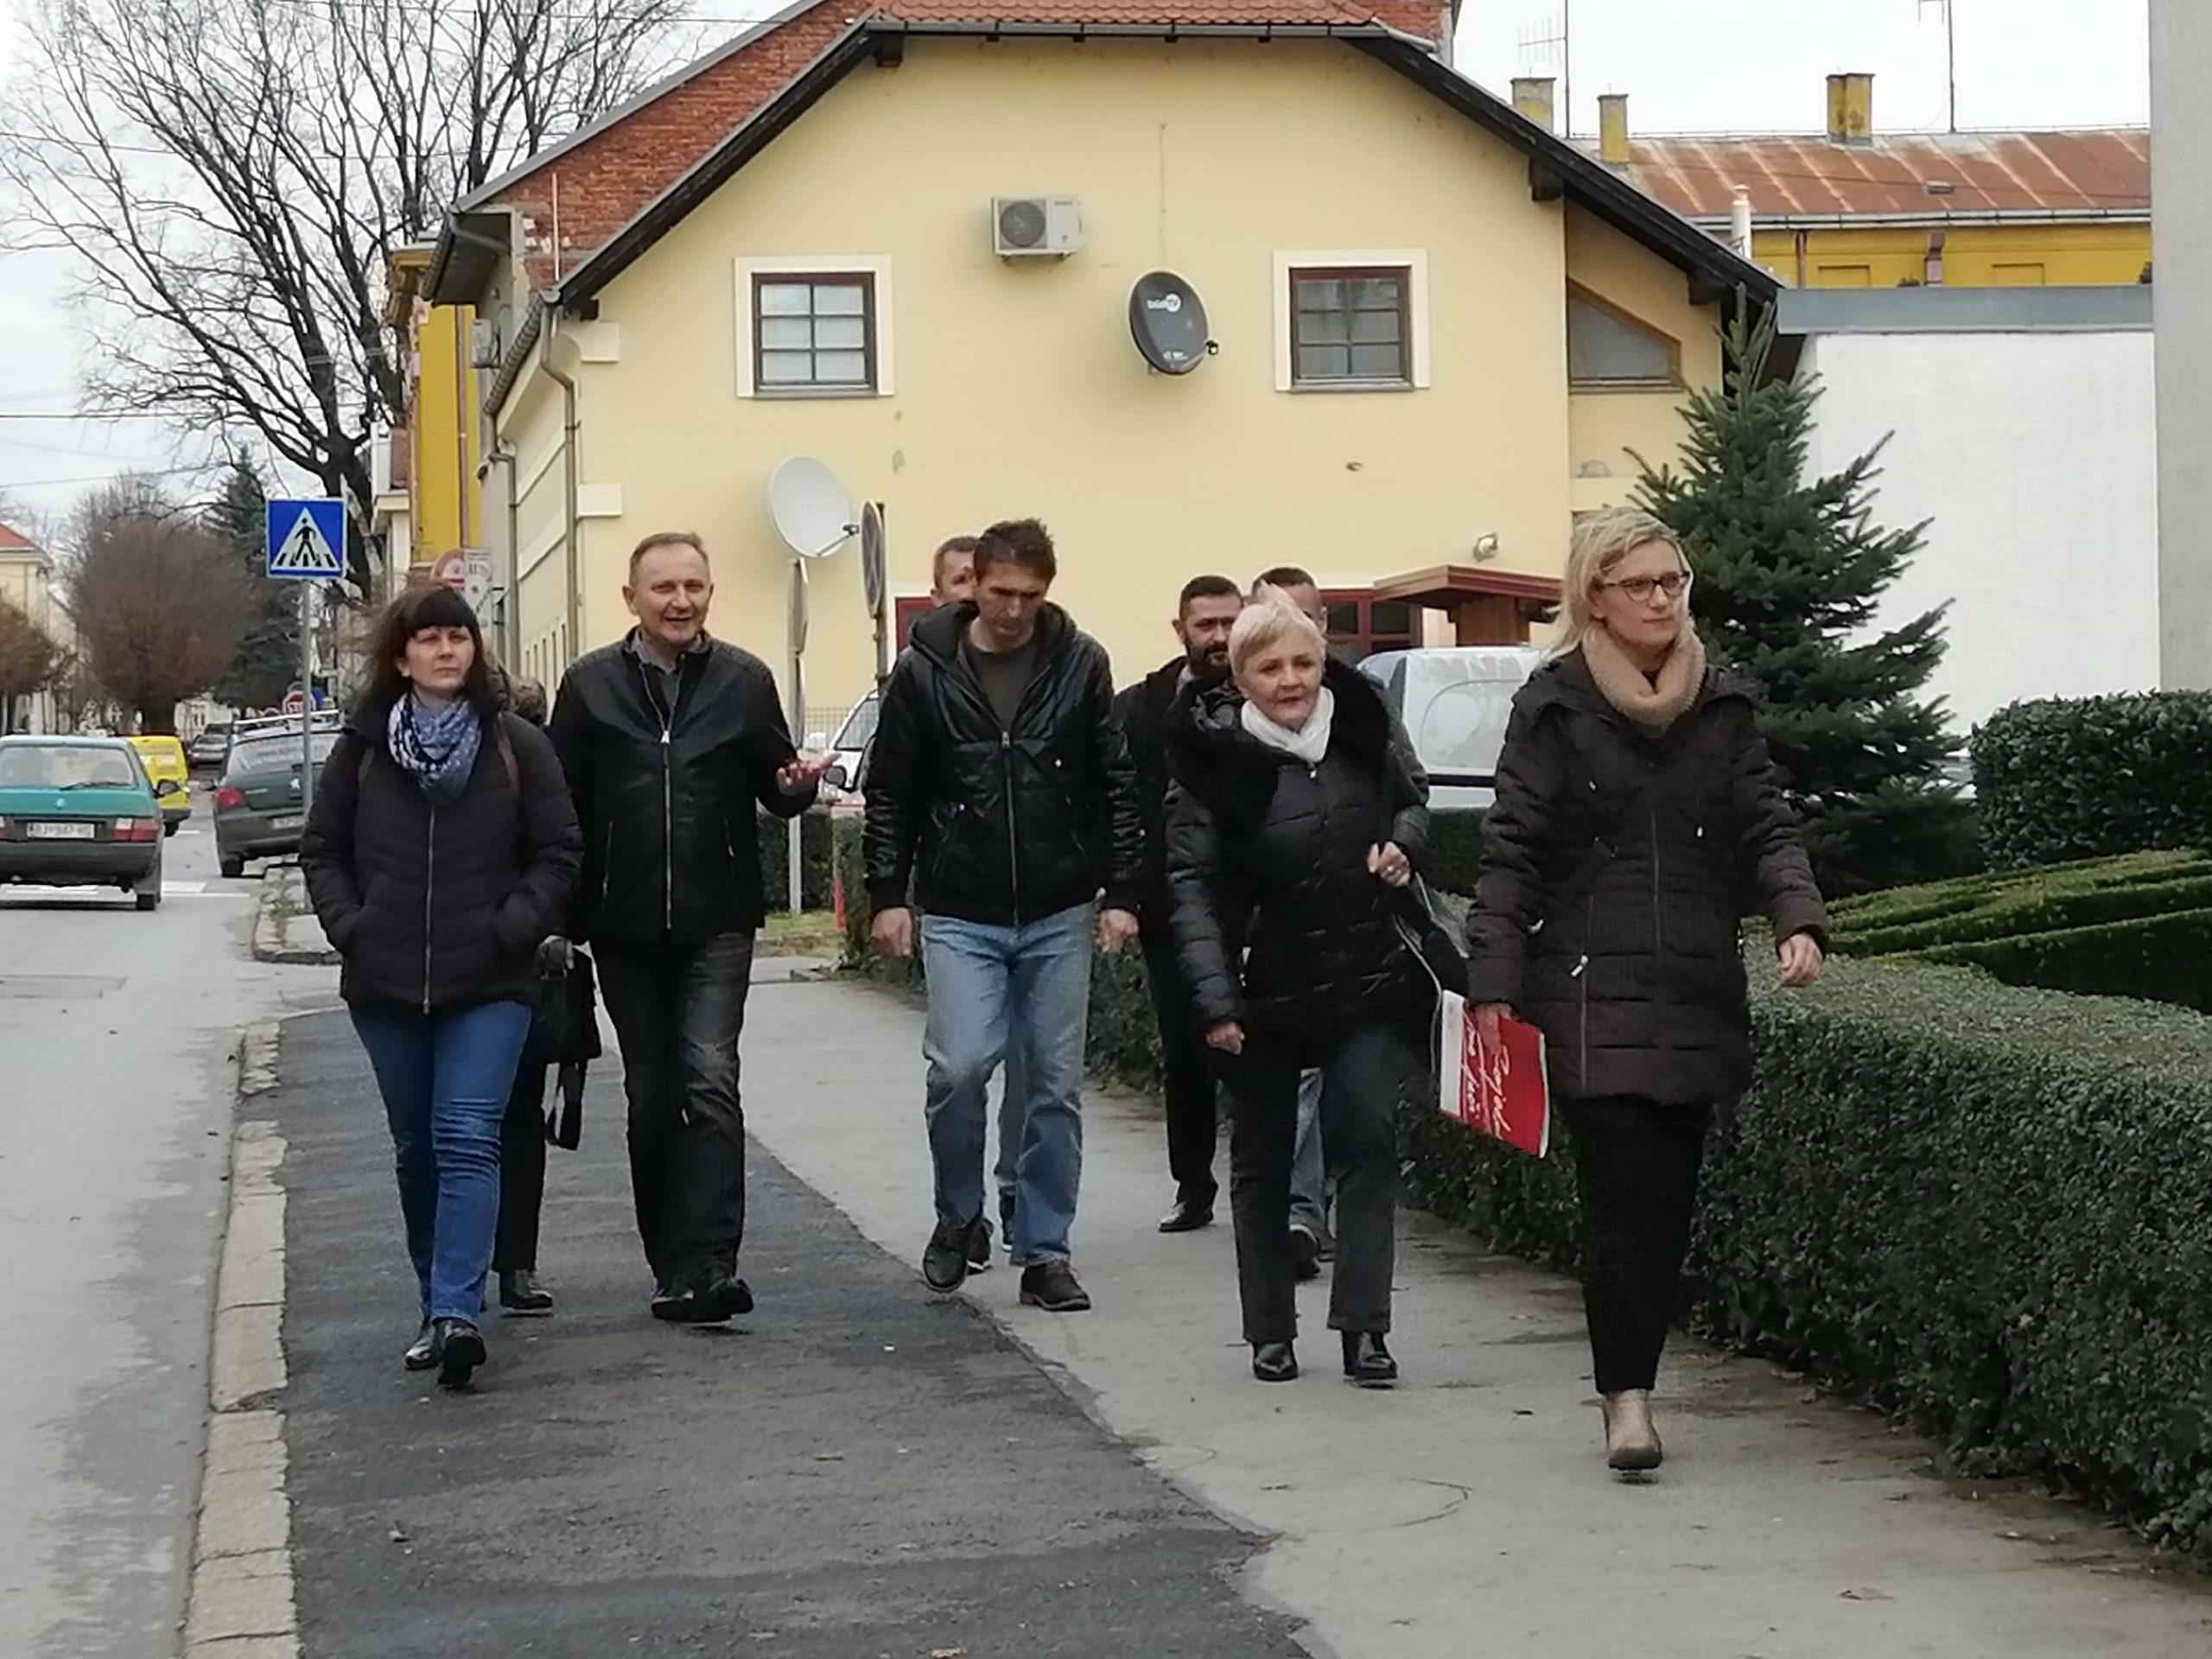 NOVI PROBLEMI Radnici Toplica kazneno prijavili bivšu ravnateljicu